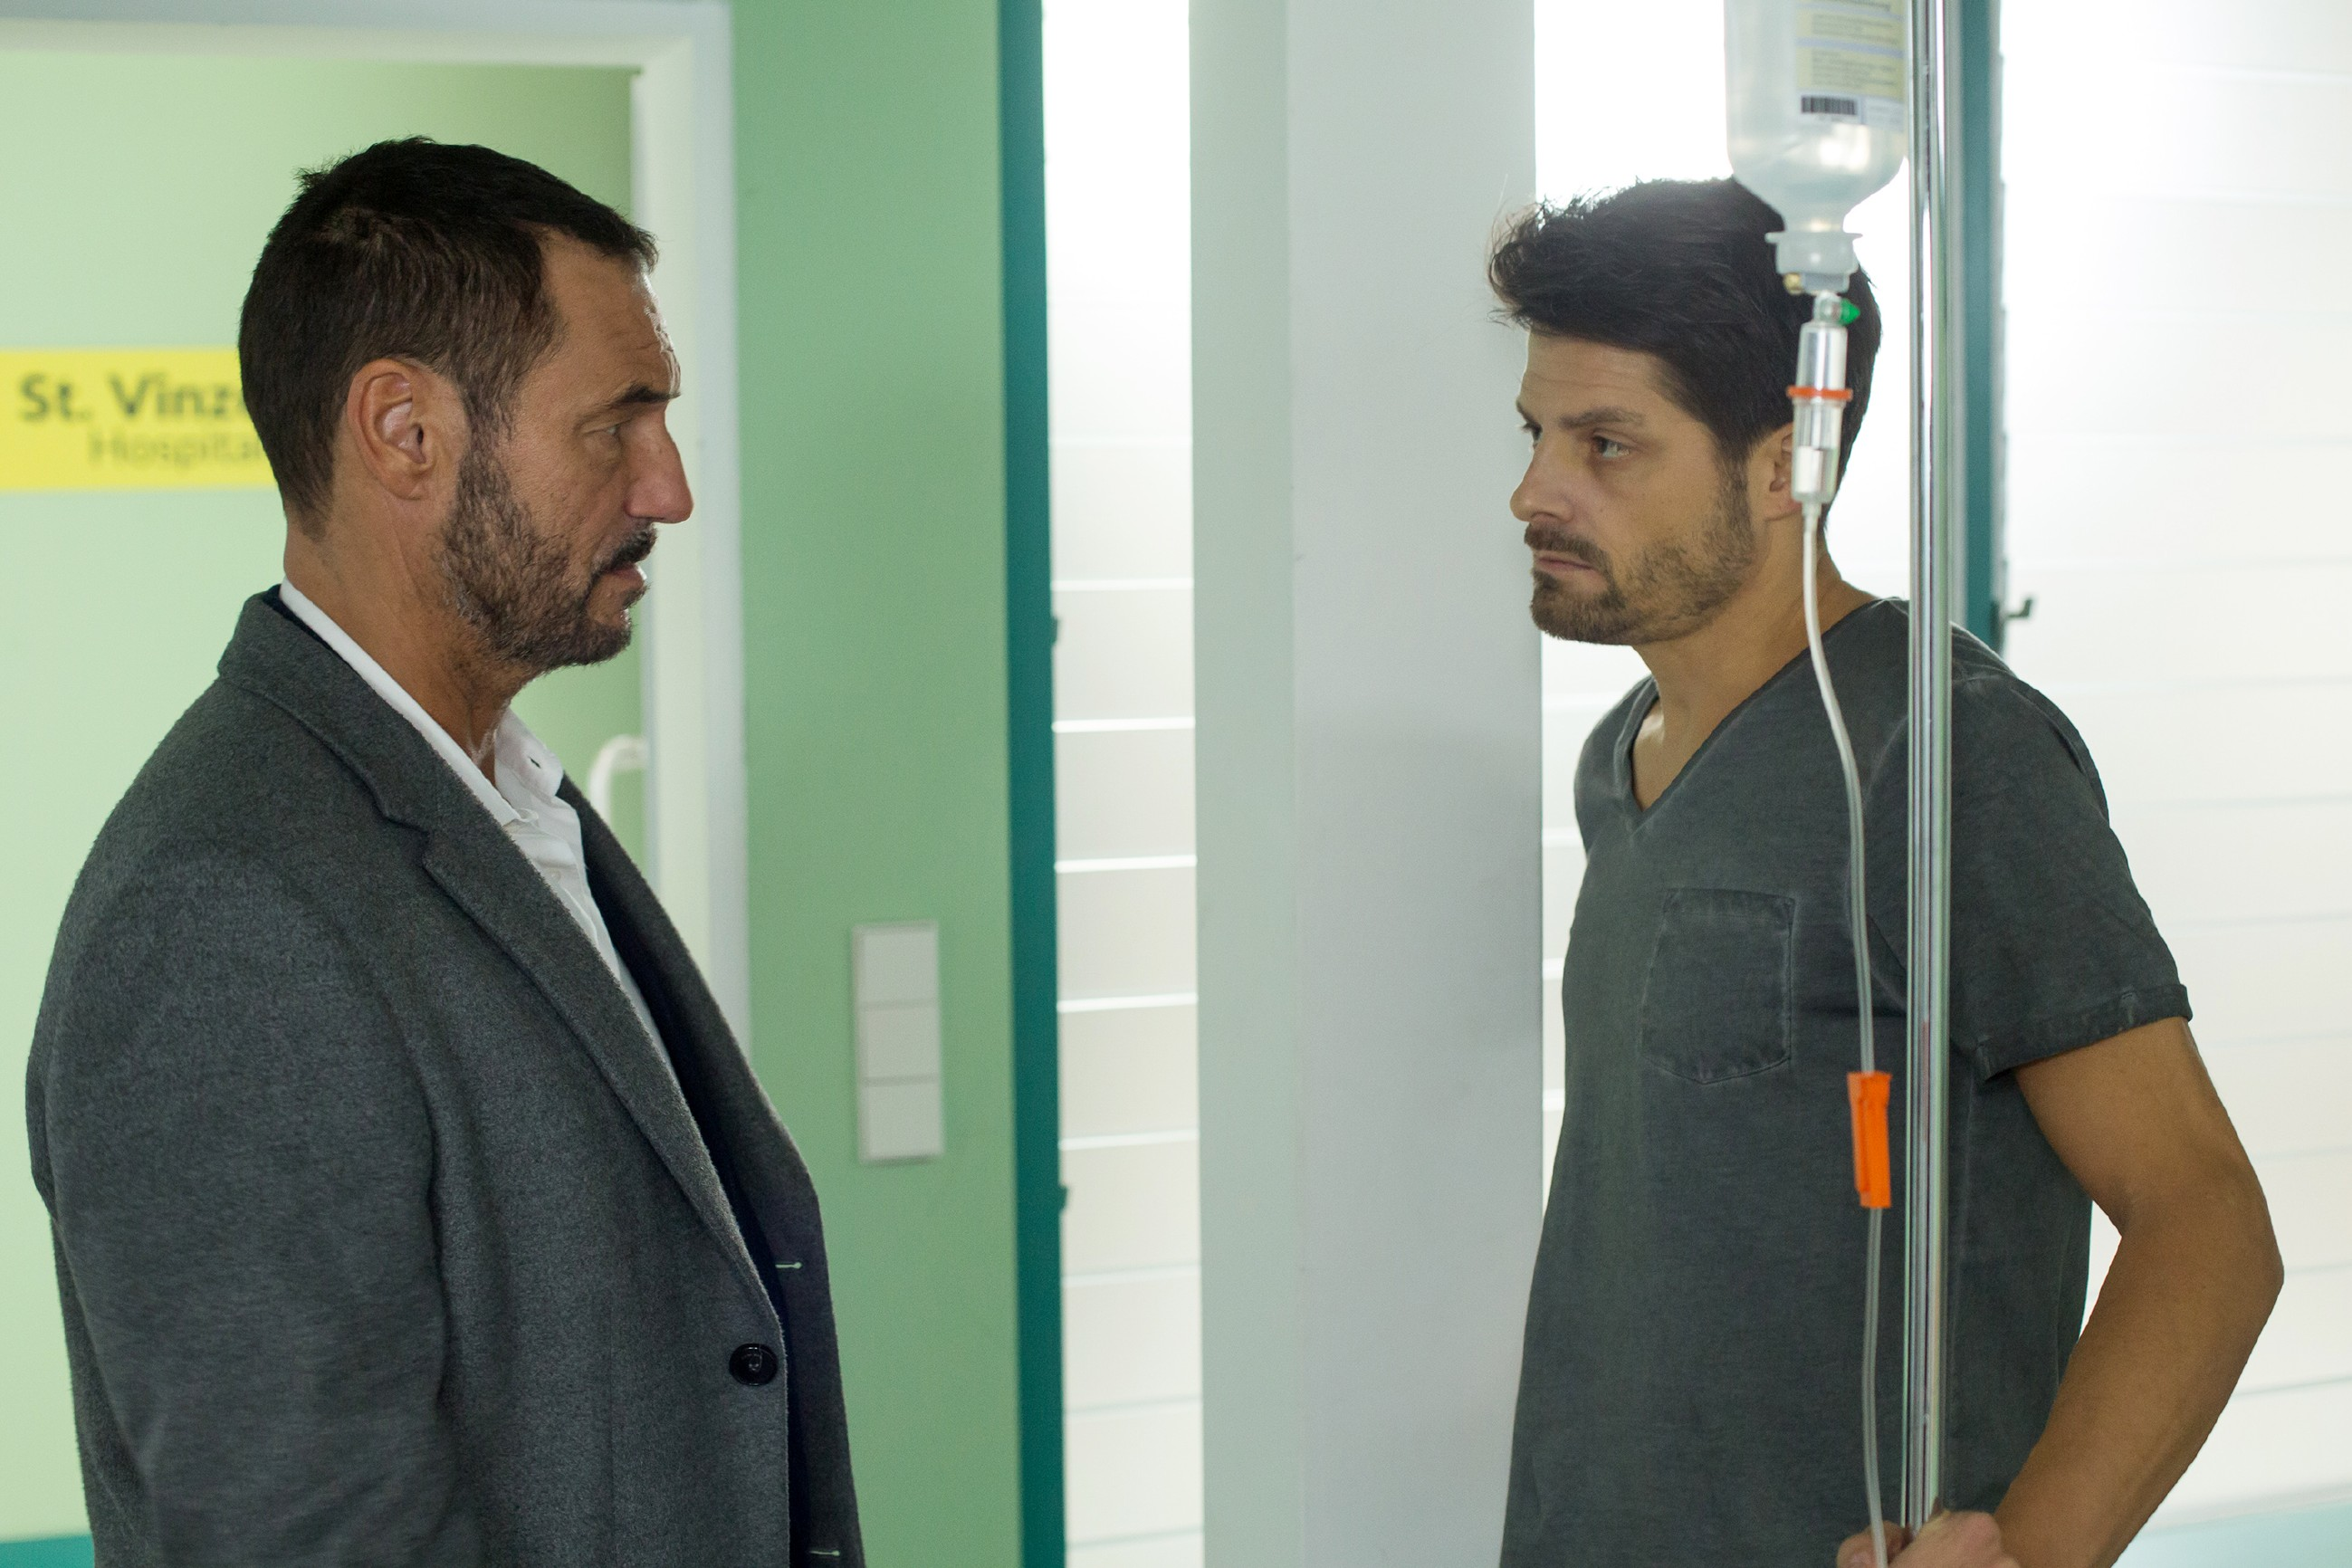 Richard (Sivian-Pierre Leirich, l.) macht Vincent (Daniel Buder) eine bedrohliche Ansage. (Quelle: RTL / Michael Böhme)